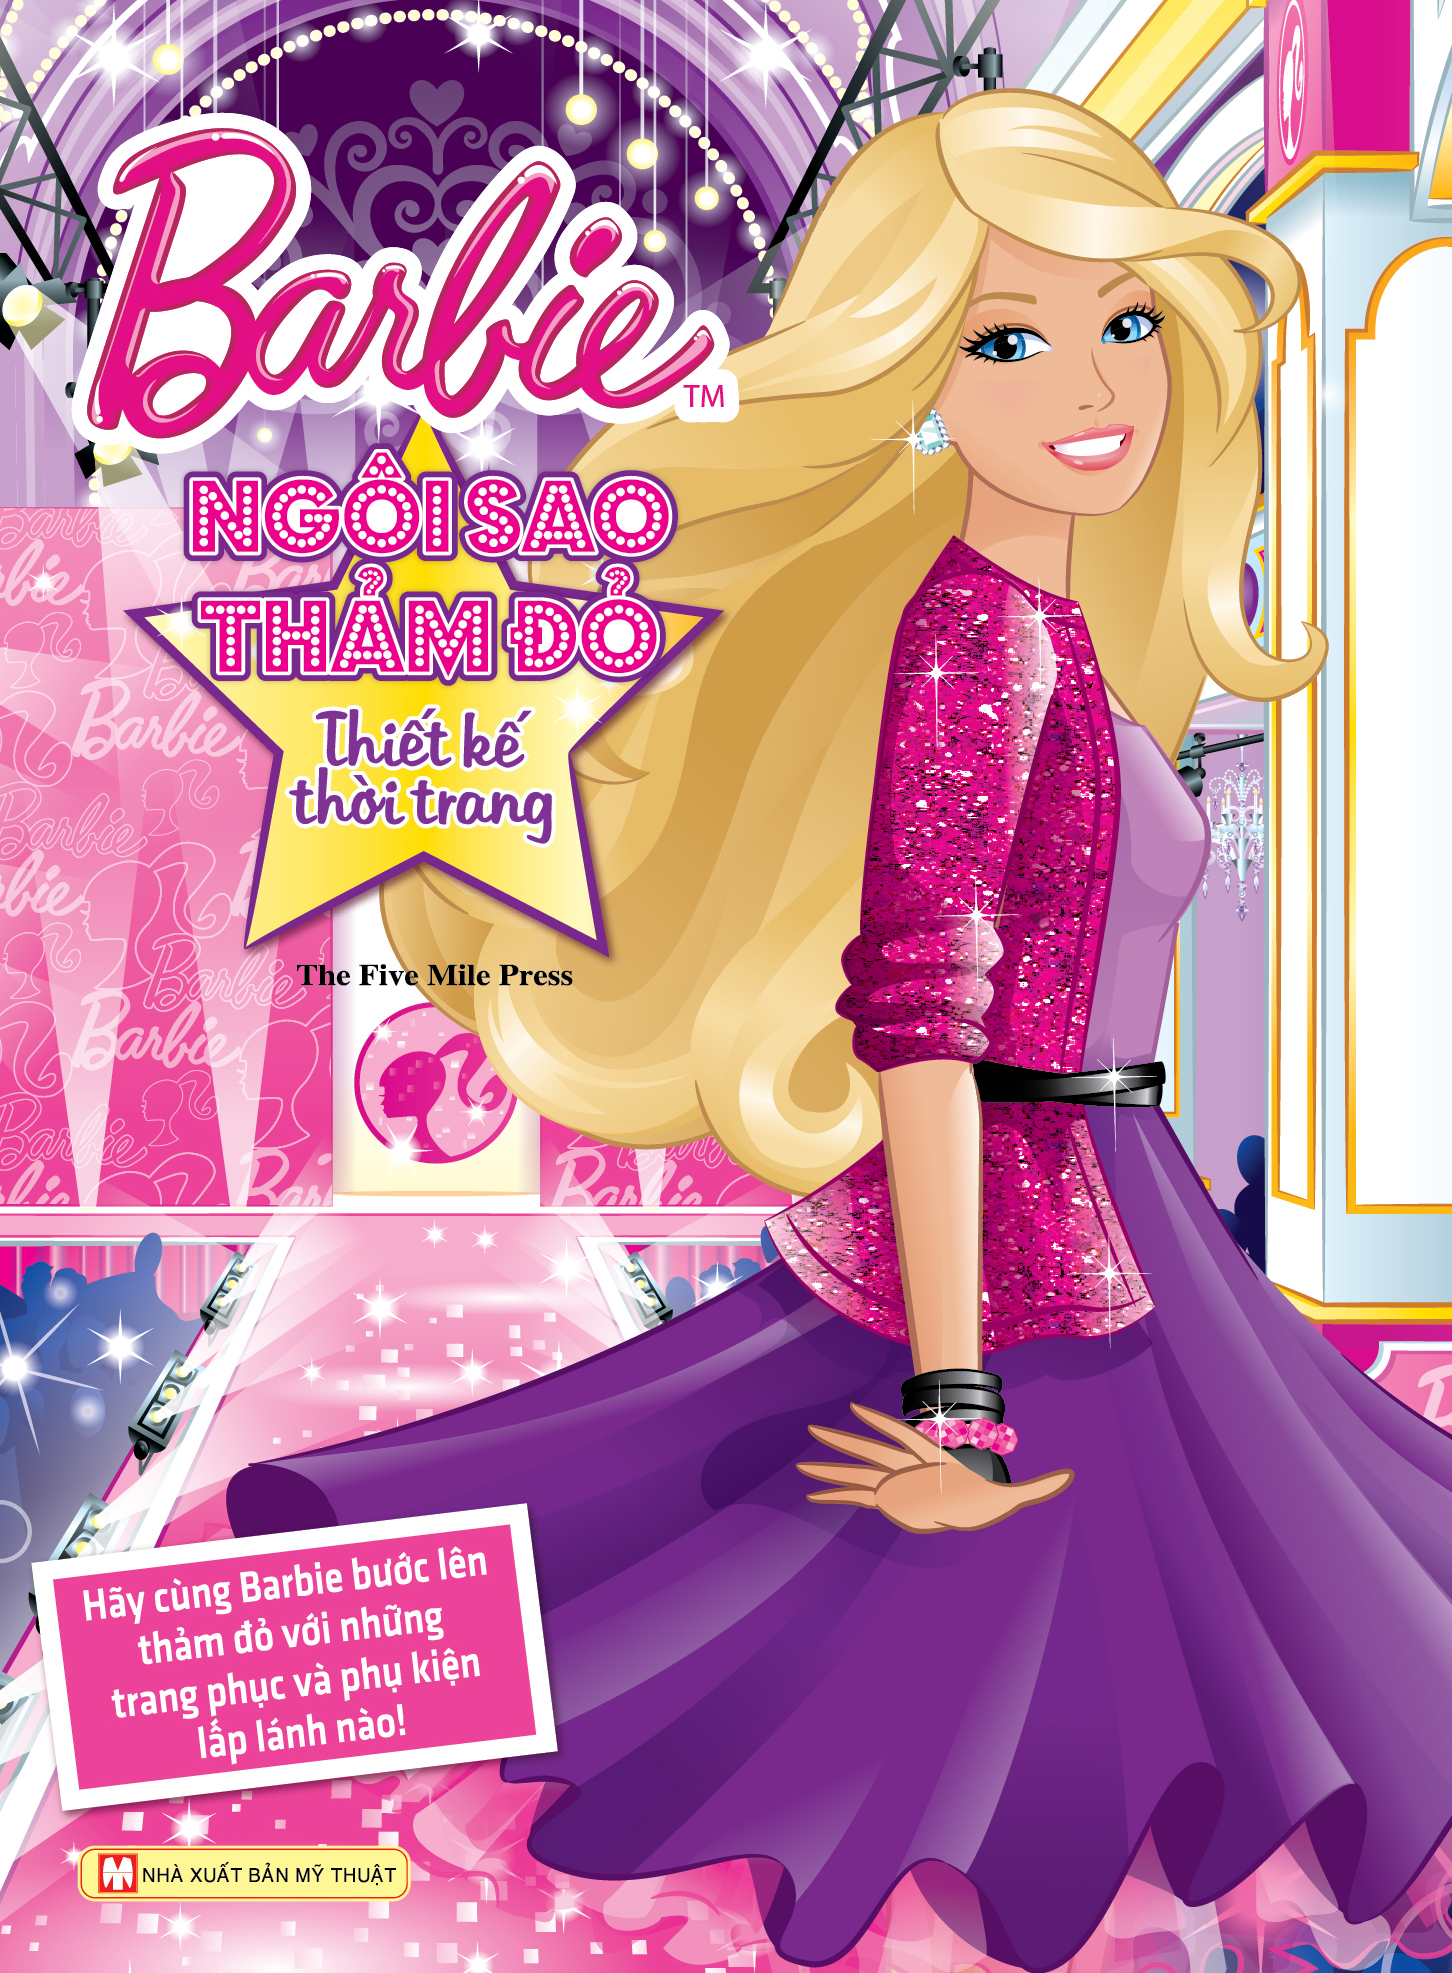 Bìa sách Barbie Thiết Kế Thời Trang - Ngôi Sao Thảm Đỏ